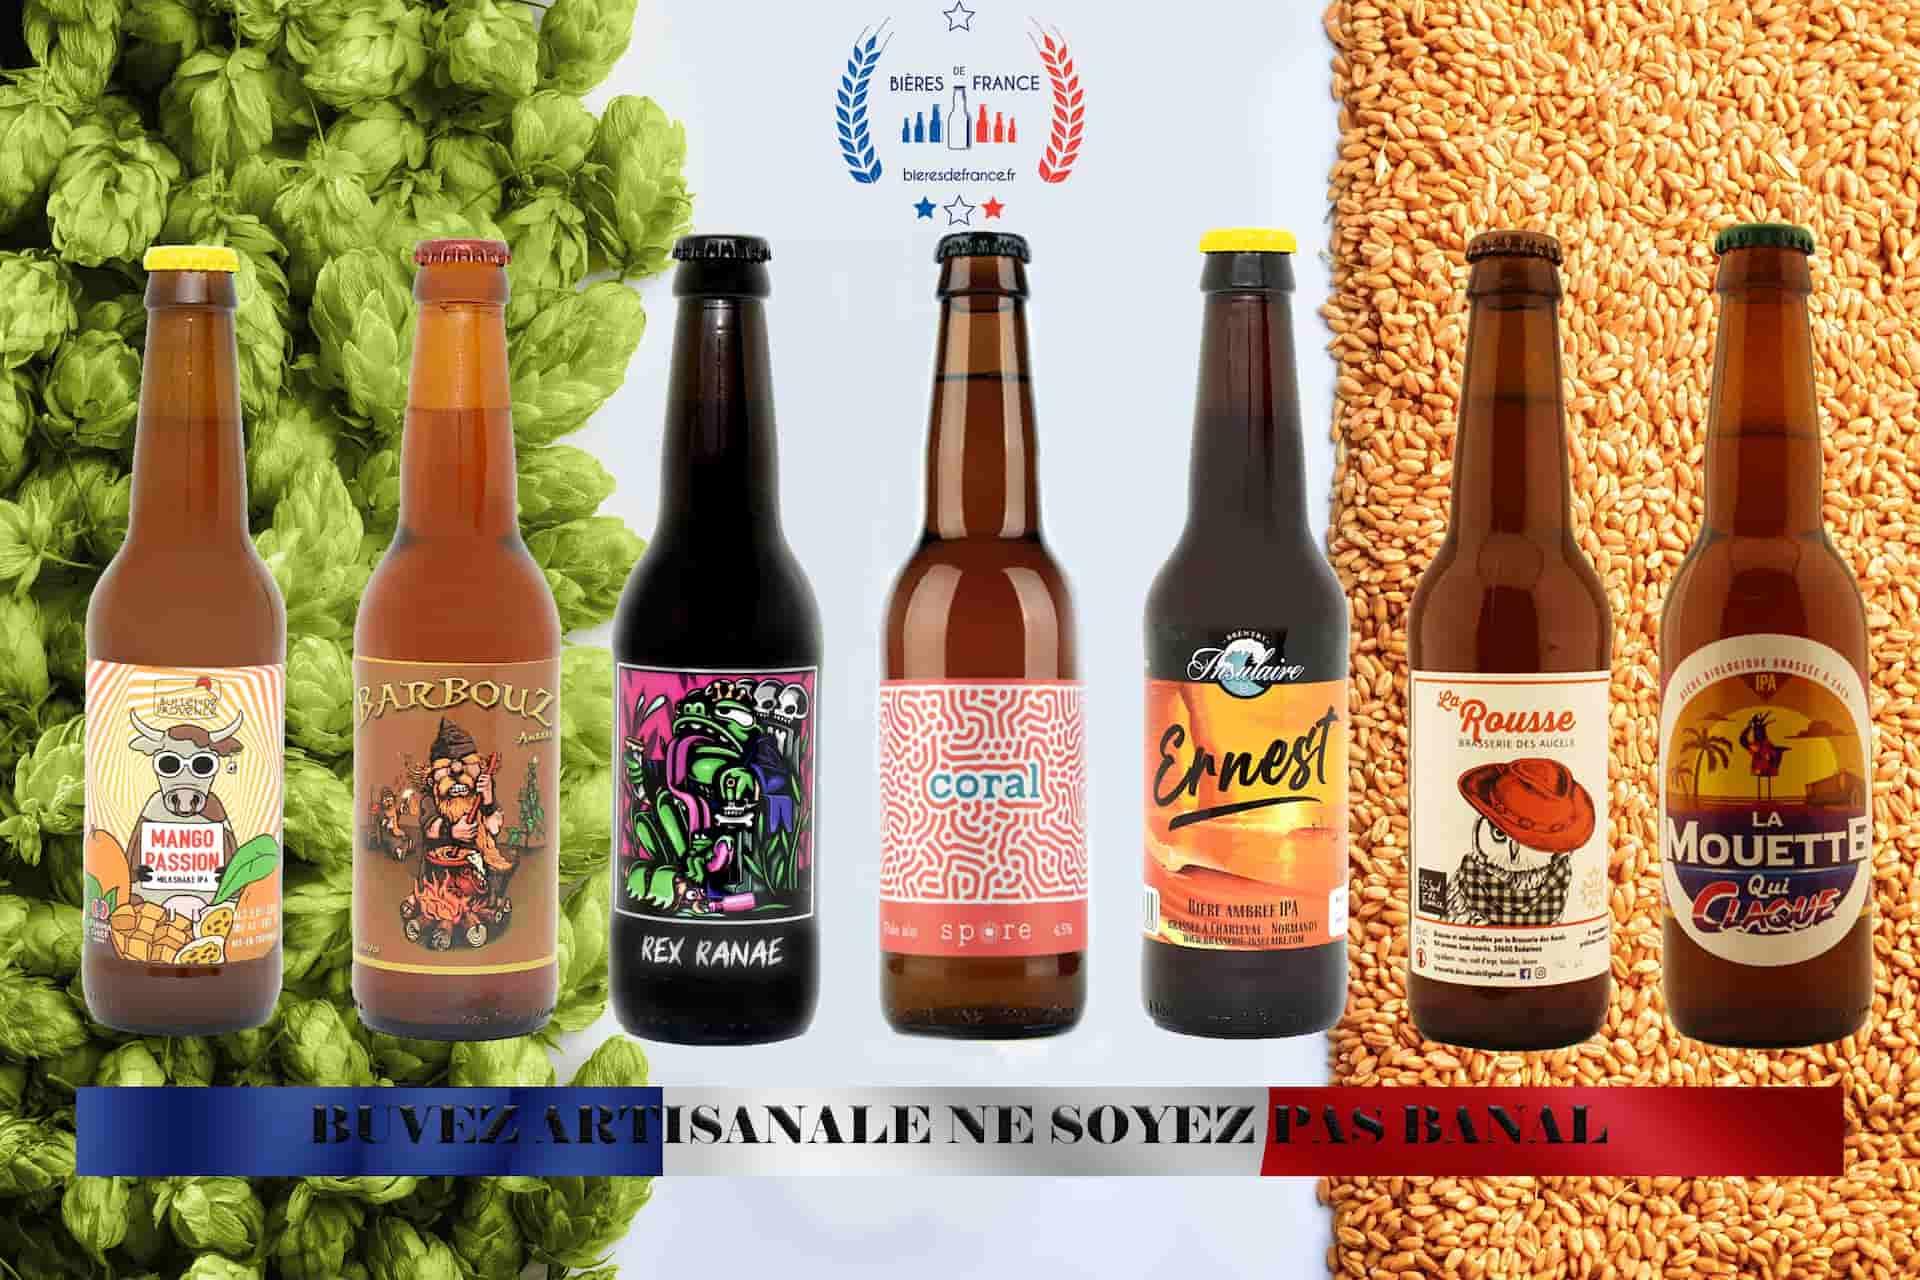 Ne soyez pas banal, avec les gammes artisanales de Bières de France